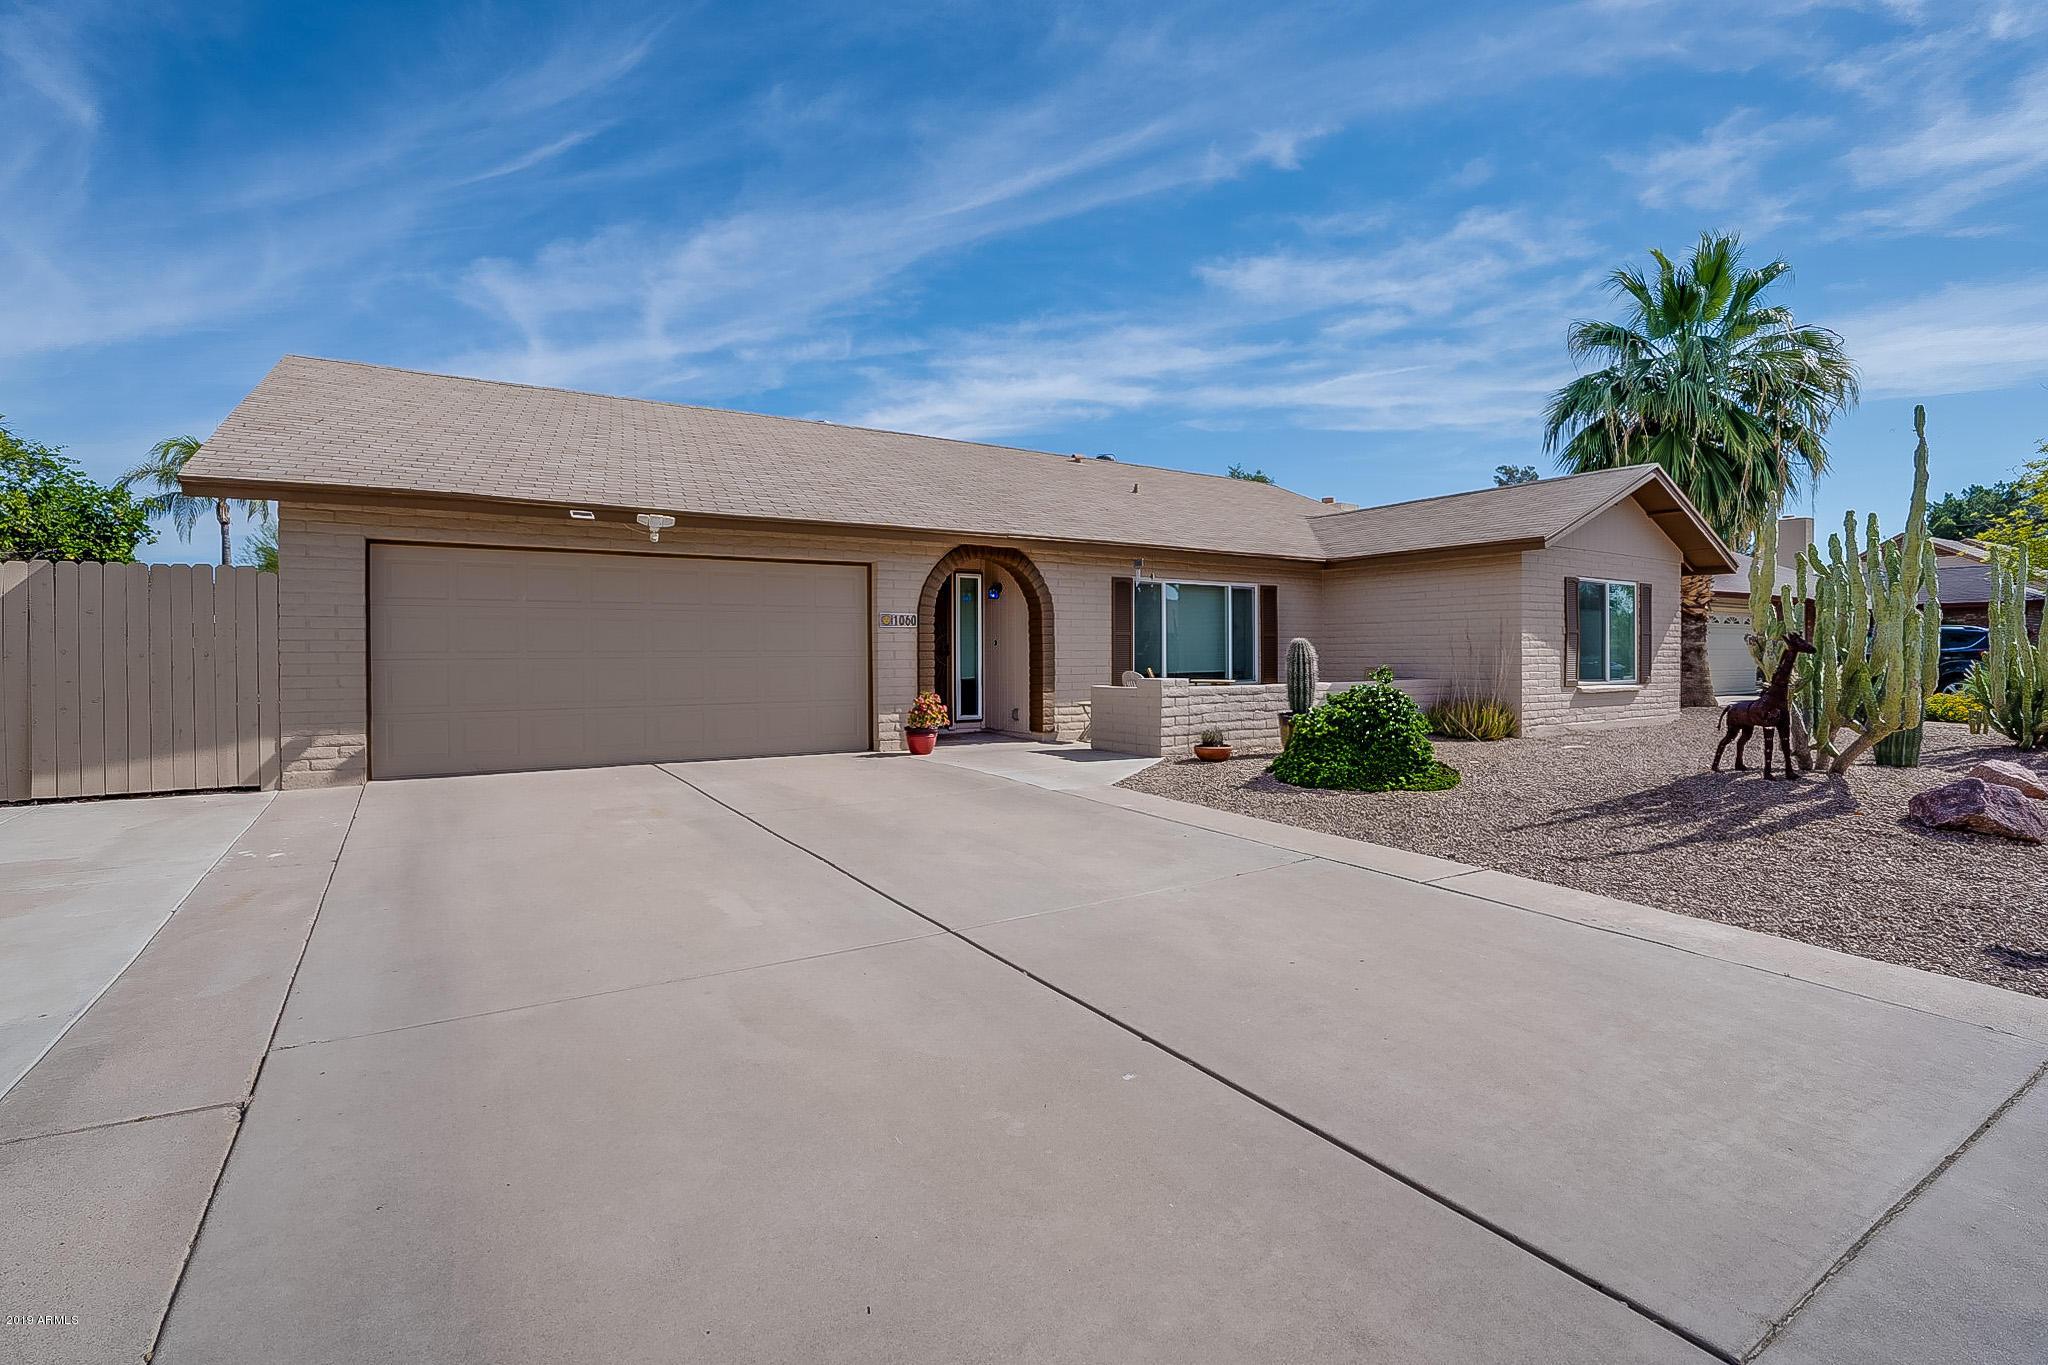 Photo of 1060 E HOPE Street, Mesa, AZ 85203